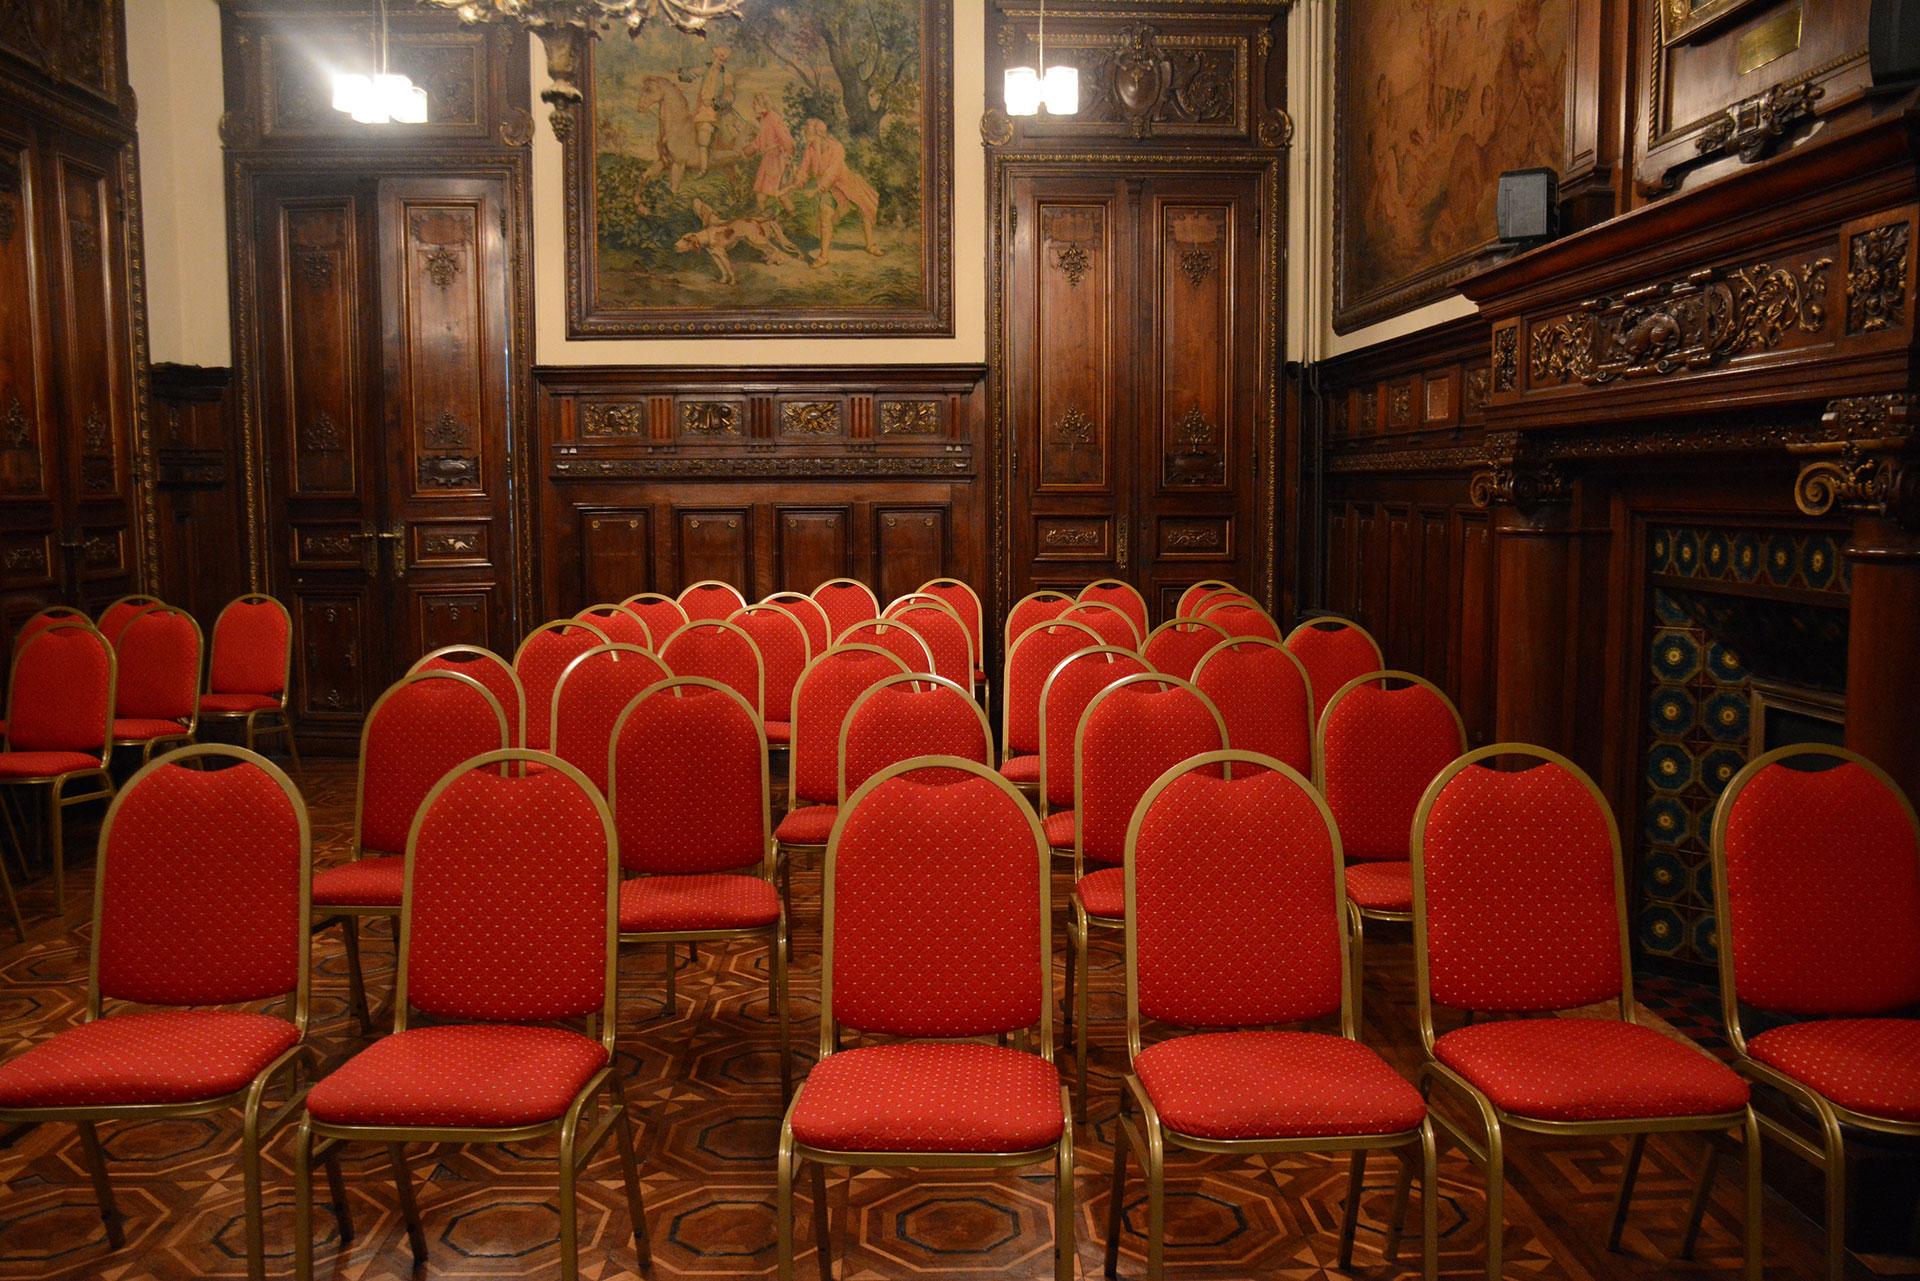 La residencia de Manuel Guerrico de 1890 es hoy utilizada como institución educativa por la Asociación Biblioteca de Mujeres ABM para el dictado de las carreras de Diseño de Interiores y Diseño de Indumentaria